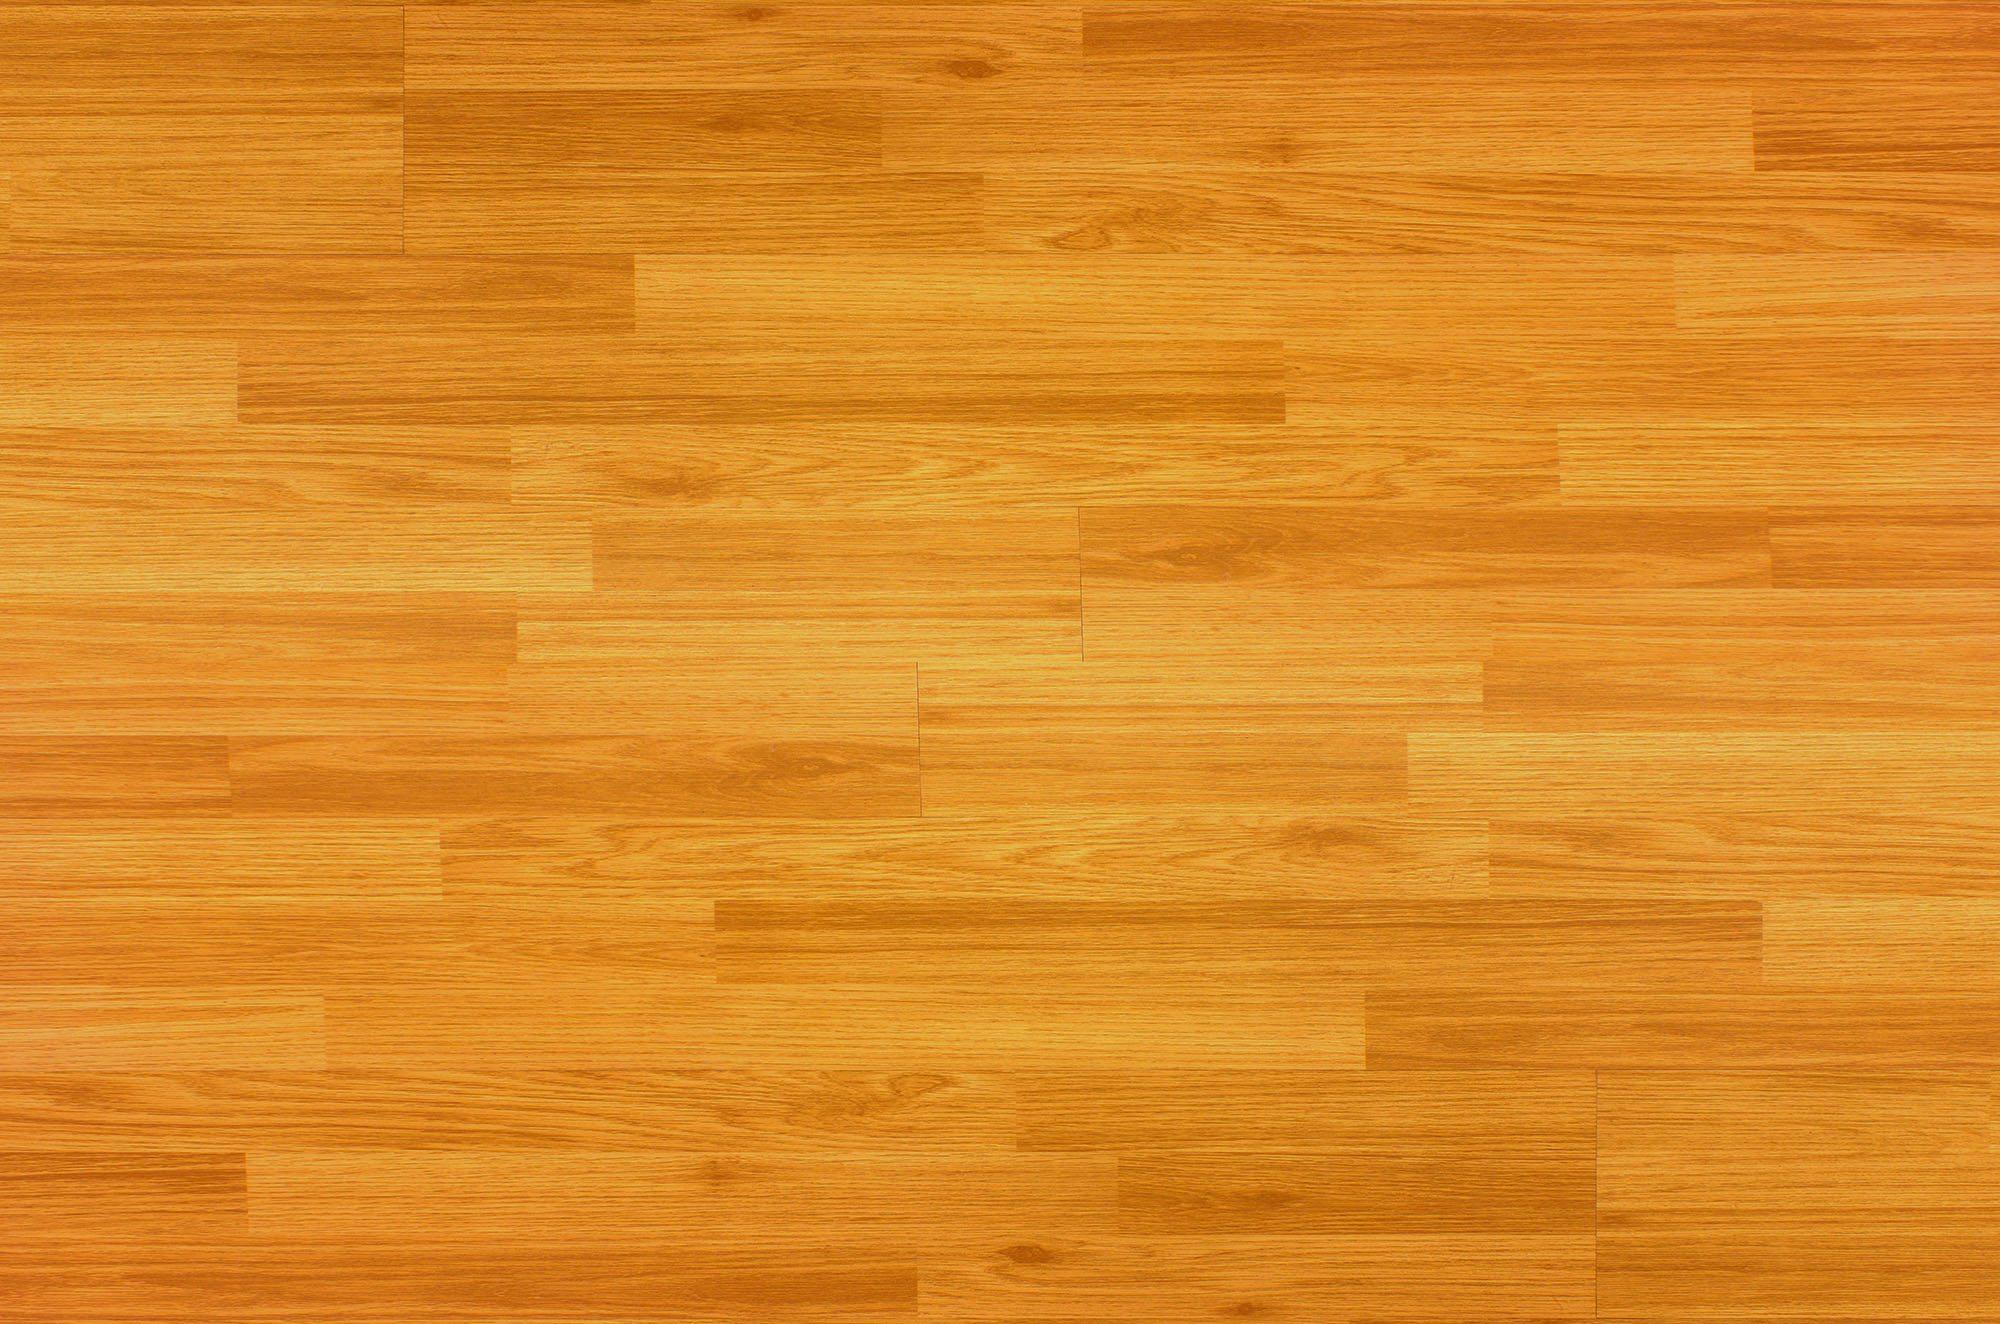 bigstock-texture-wood-background-patter-114750797-darker